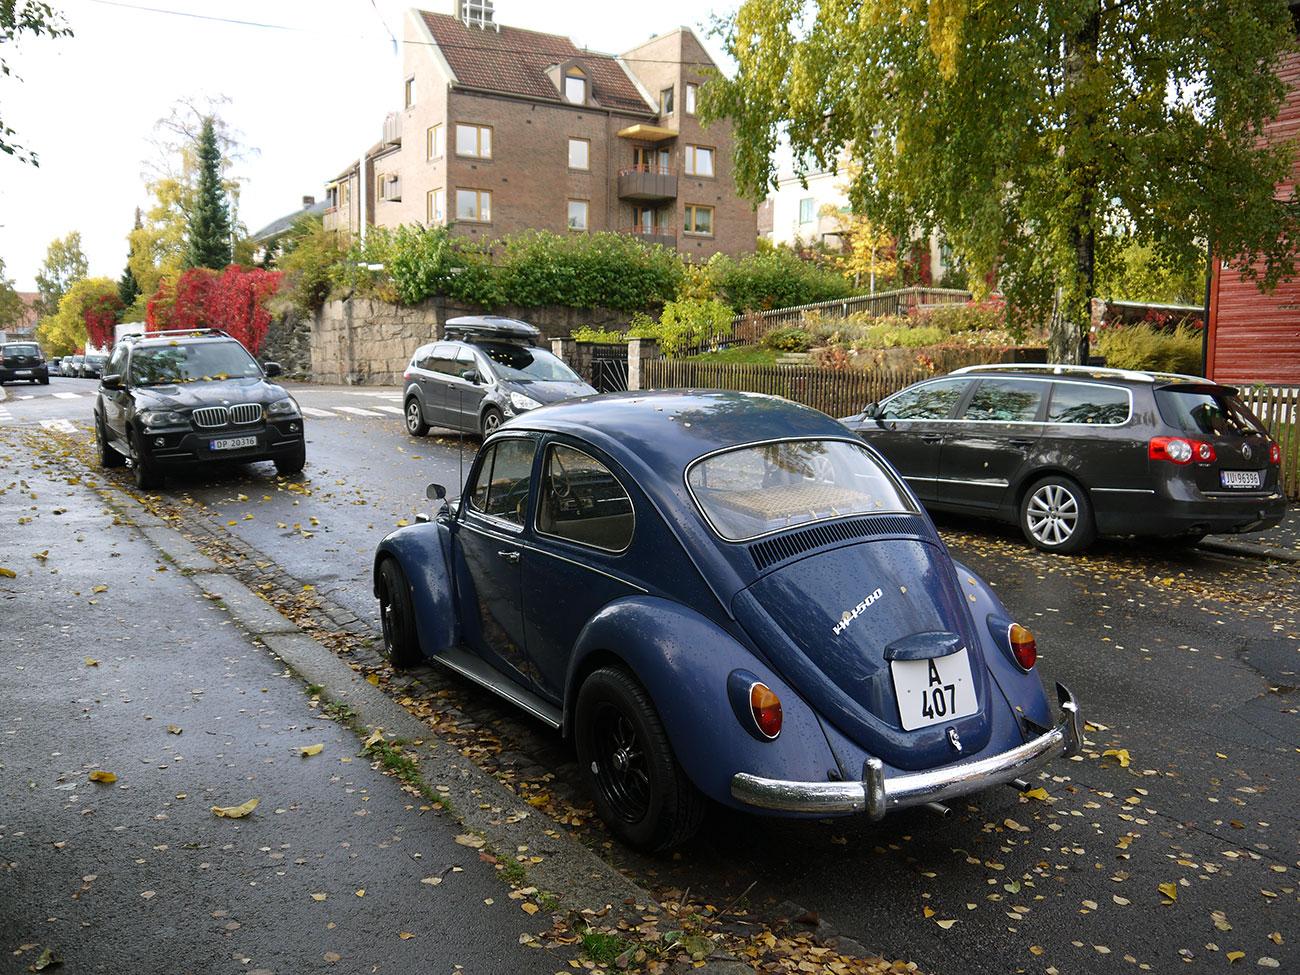 1967 Volkswagen 1500 Type 1 Beetle Boble